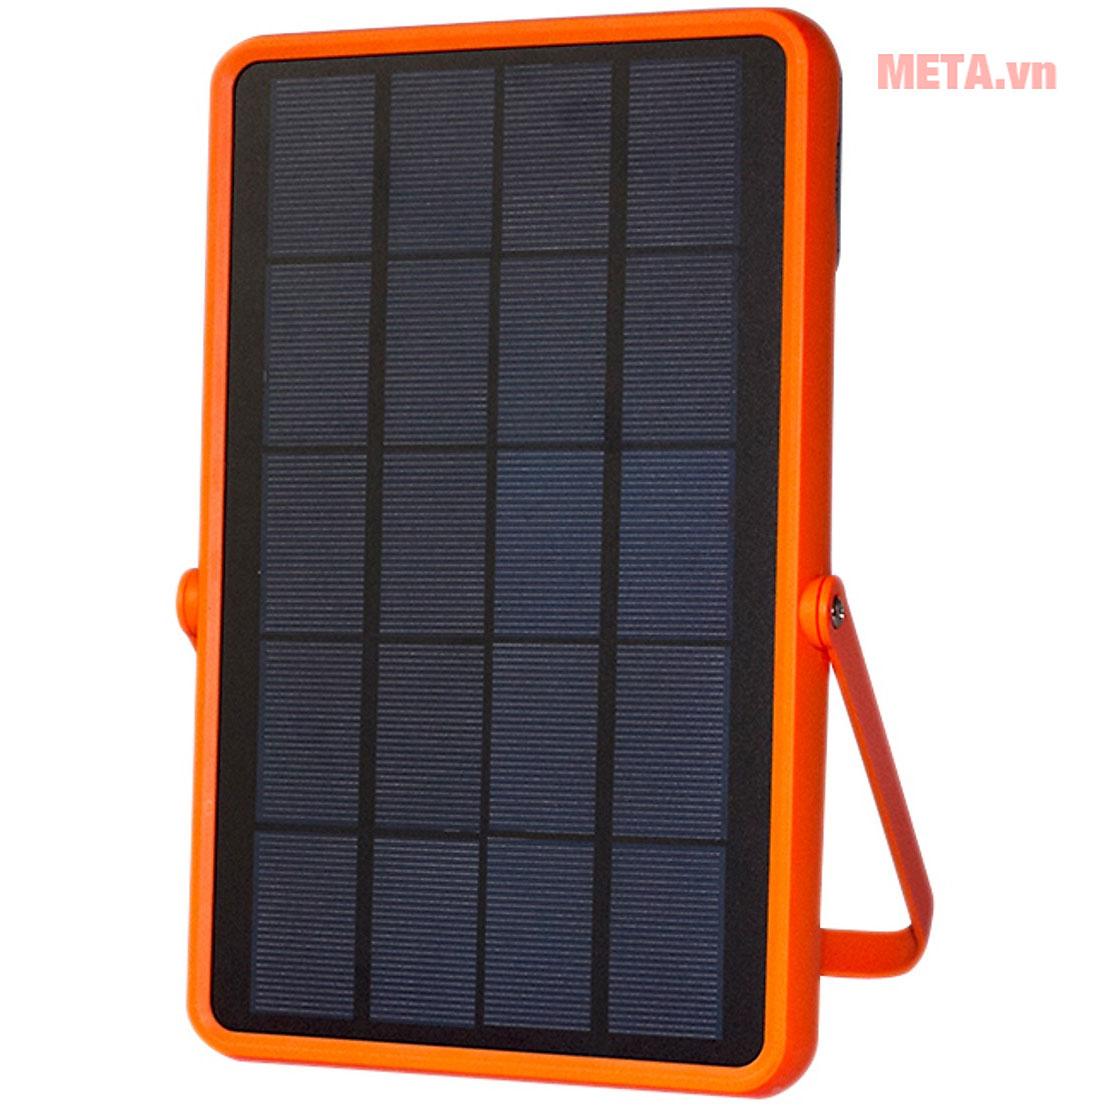 Hình ảnh đèn led năng lượng mặt trời Suntek